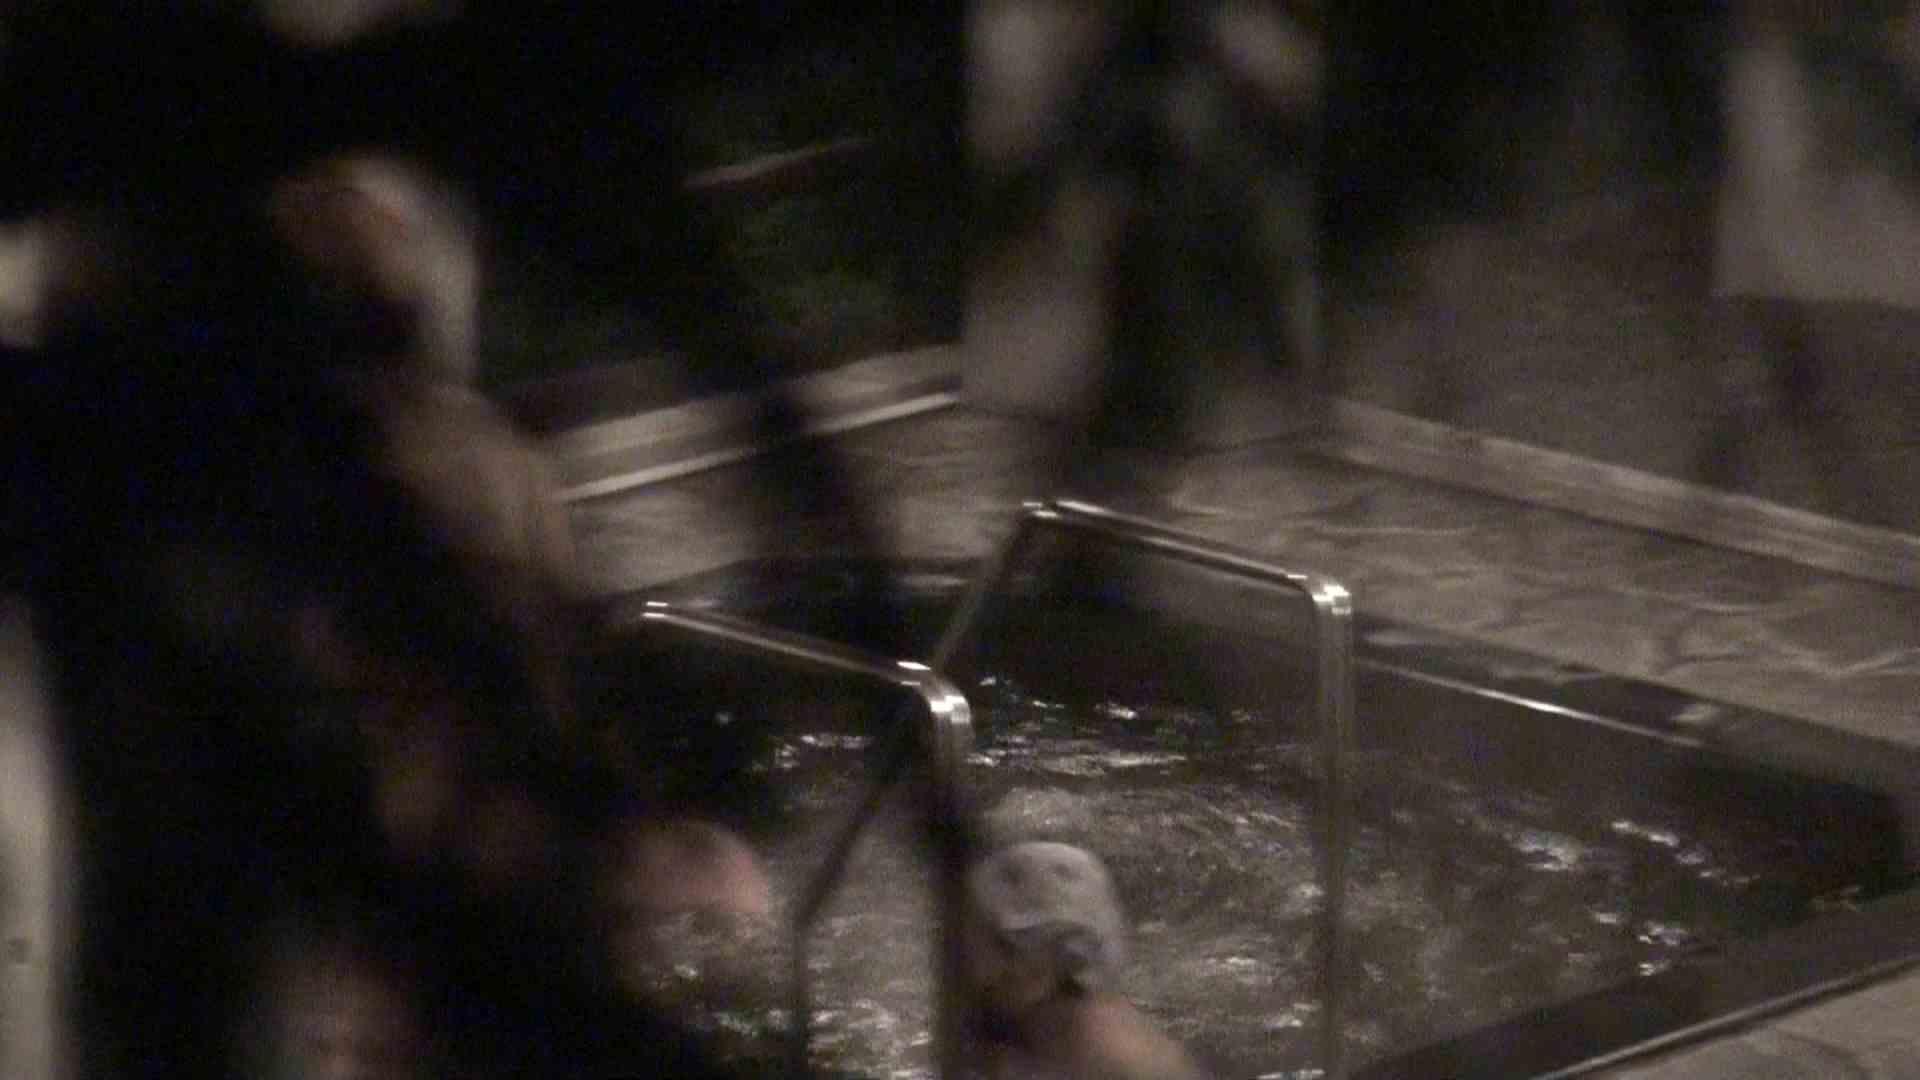 Aquaな露天風呂Vol.377 美しいOLの裸体 盗み撮り動画キャプチャ 105pic 2